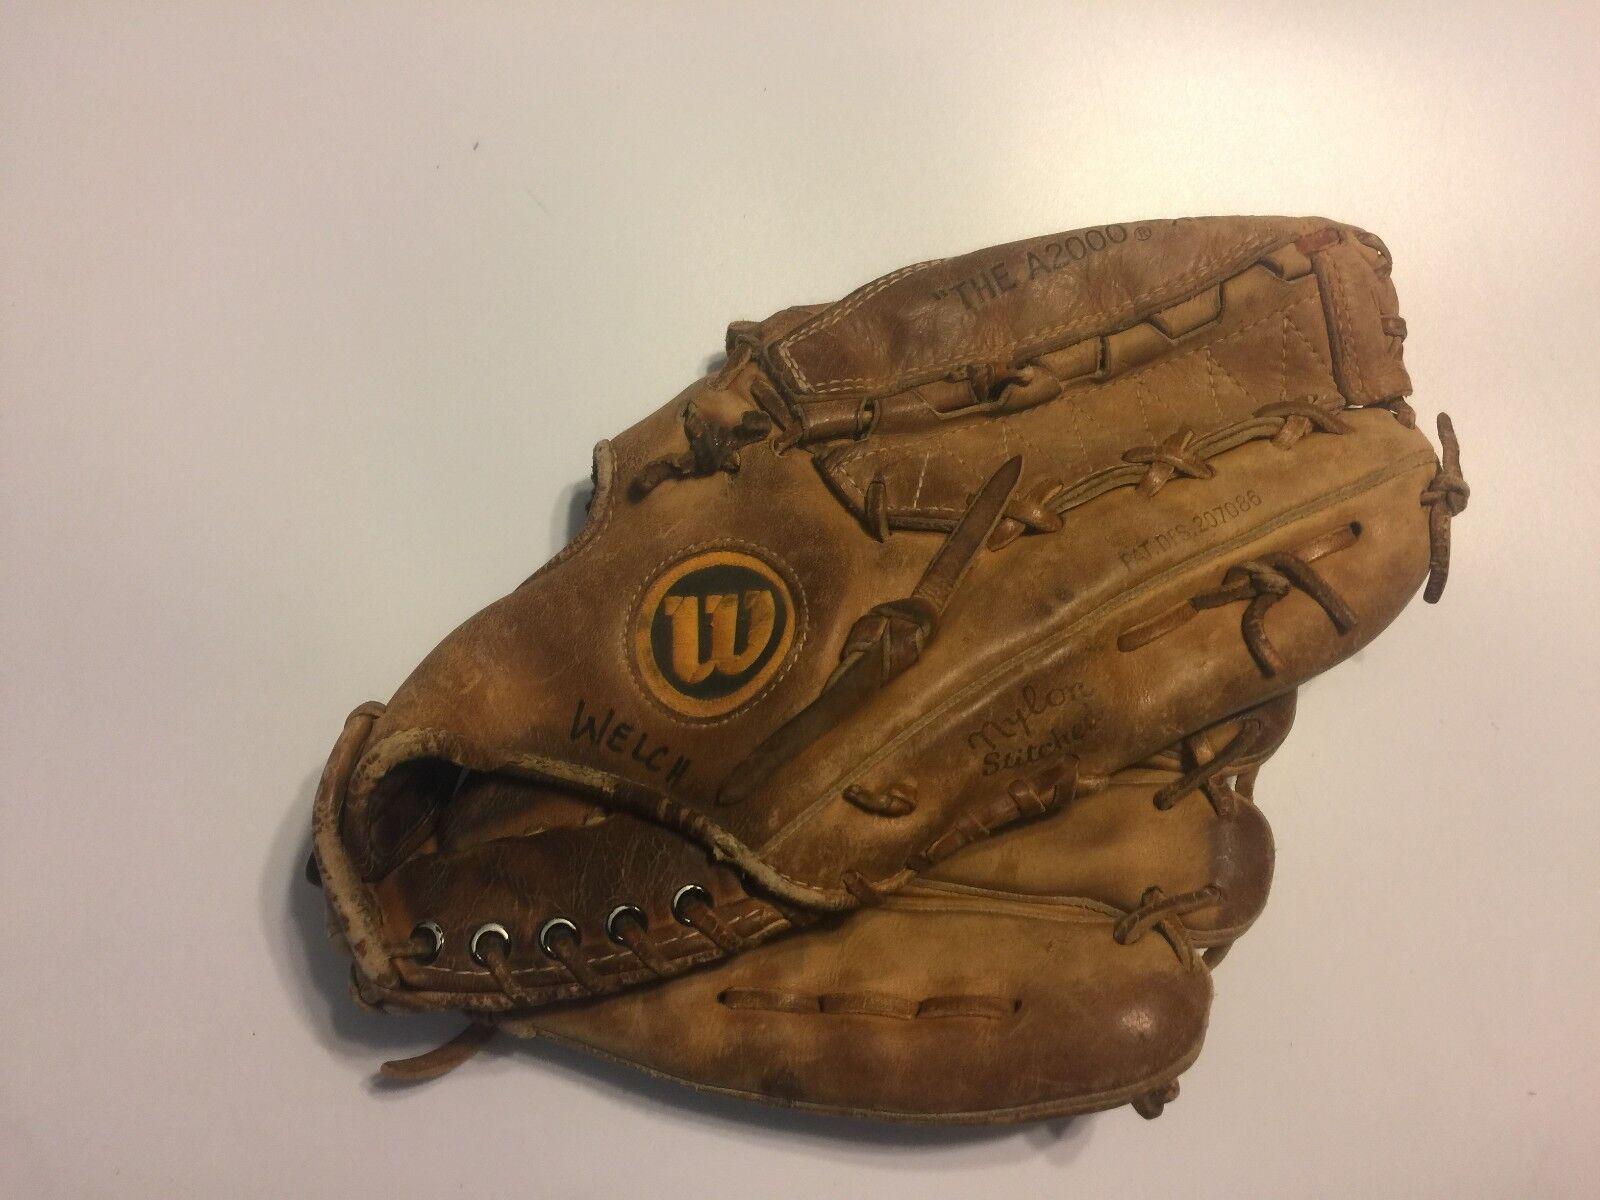 De Colección Wilson A2000 XL Cuero Marrón Guante de béisbol Japón lanzador de mano derecha